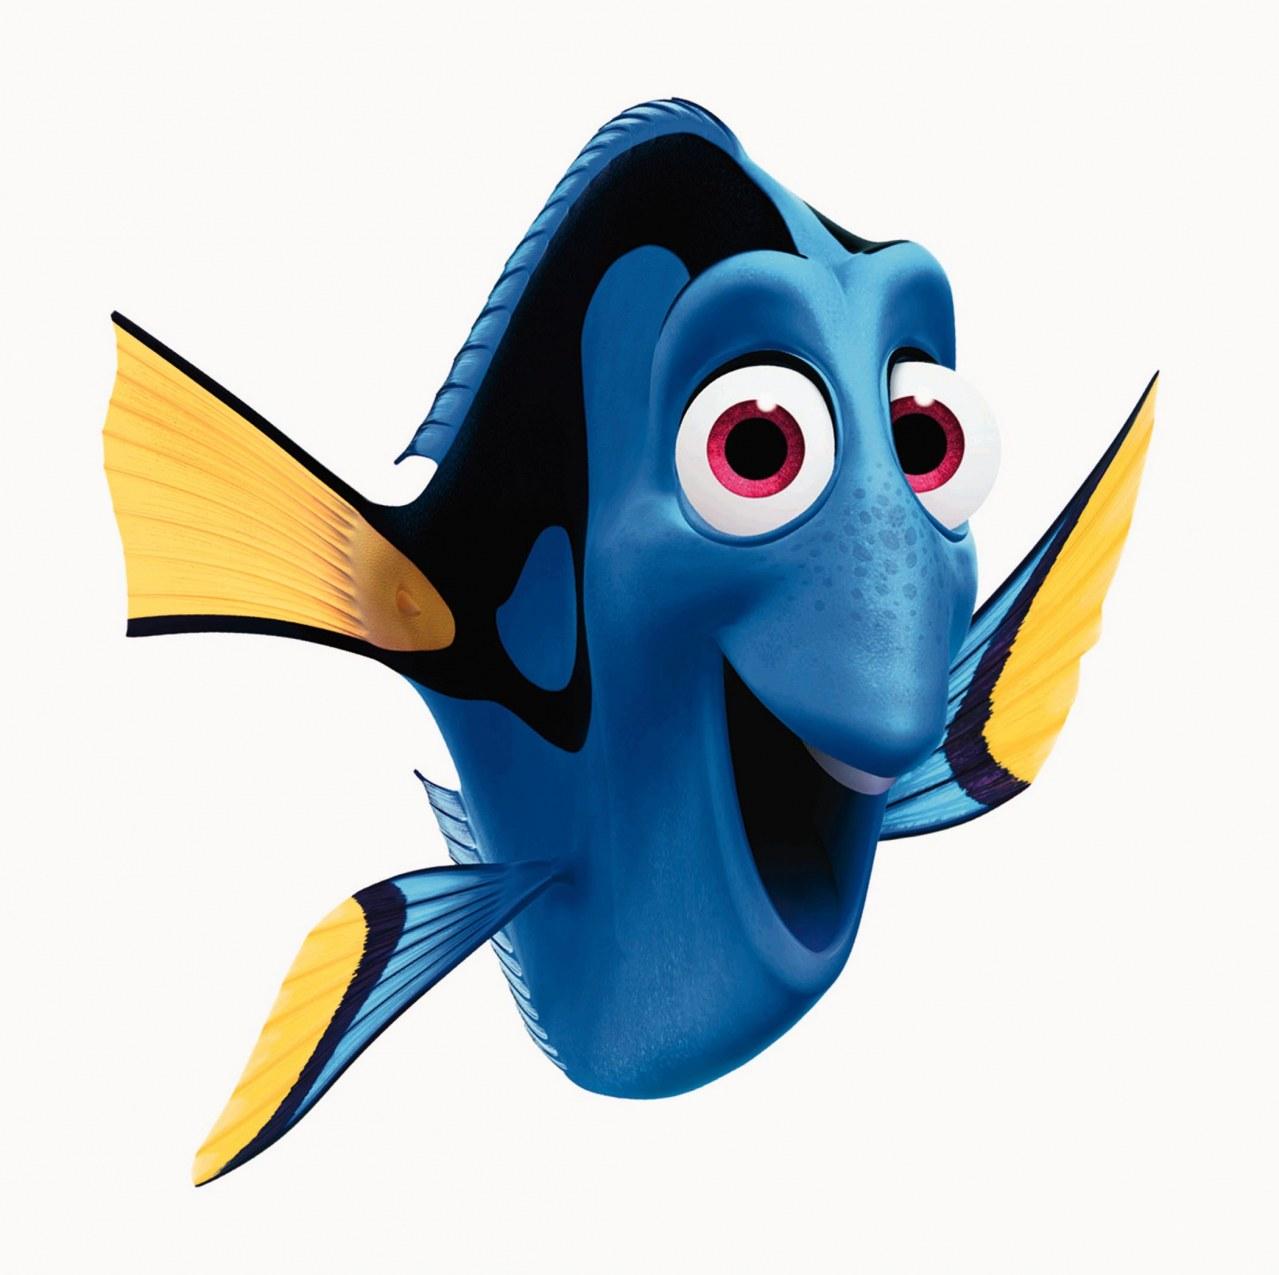 Findet Nemo - Bild 12